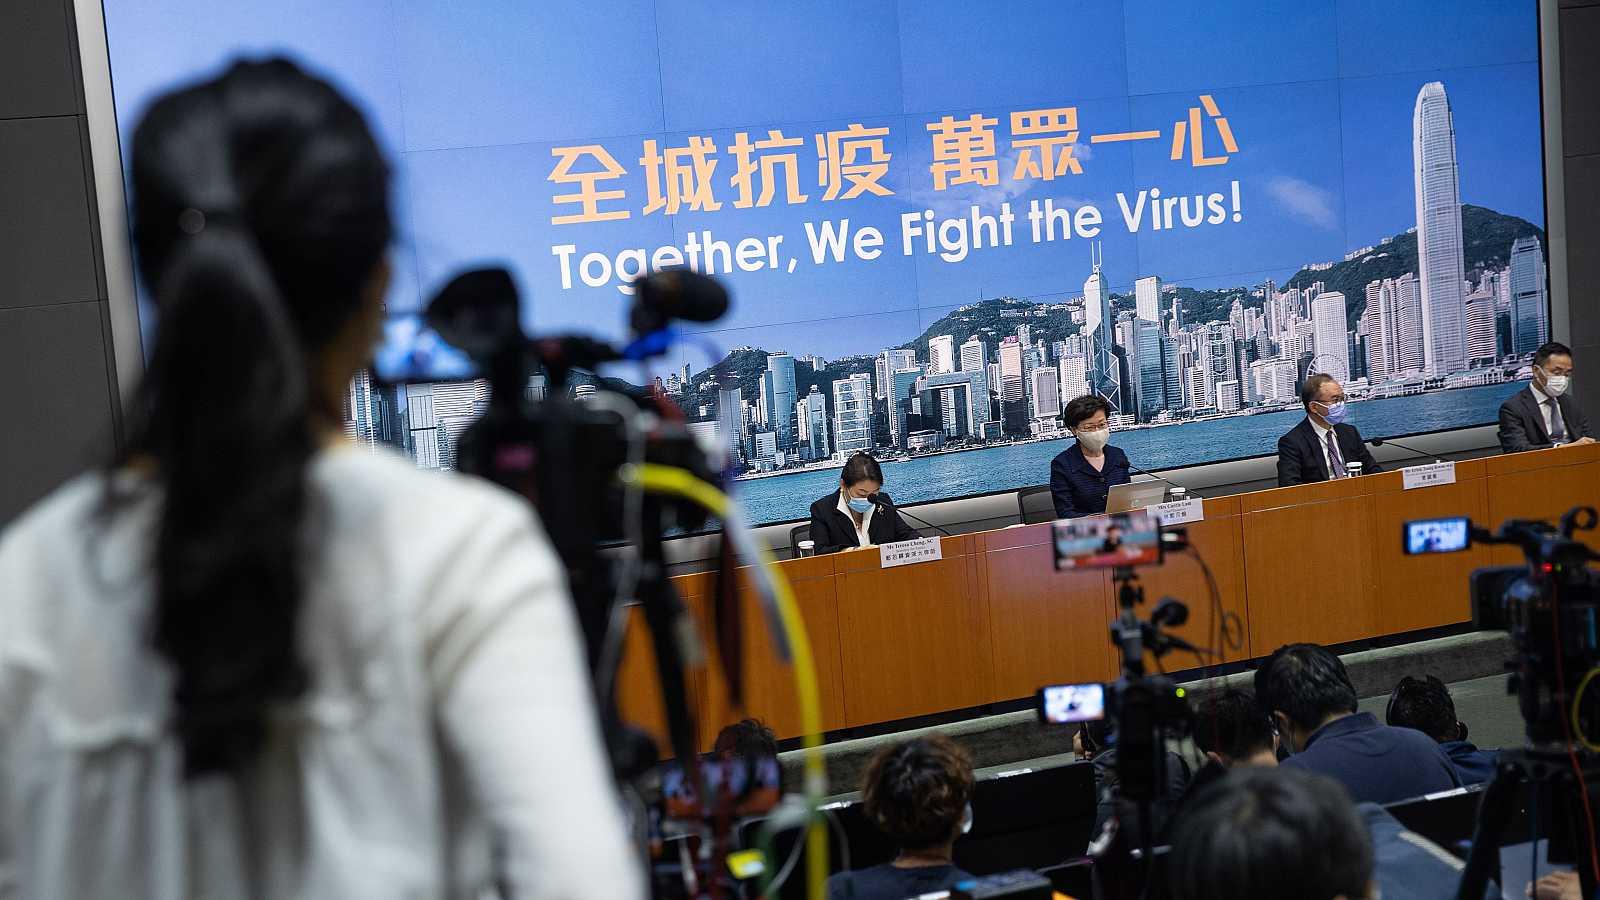 La presidenta de Hong Kong, Carrie Lam -tercera por la derecha-, habla durante una conferencia de prensa en Hong Kong, China, el 31 de julio de 2020.